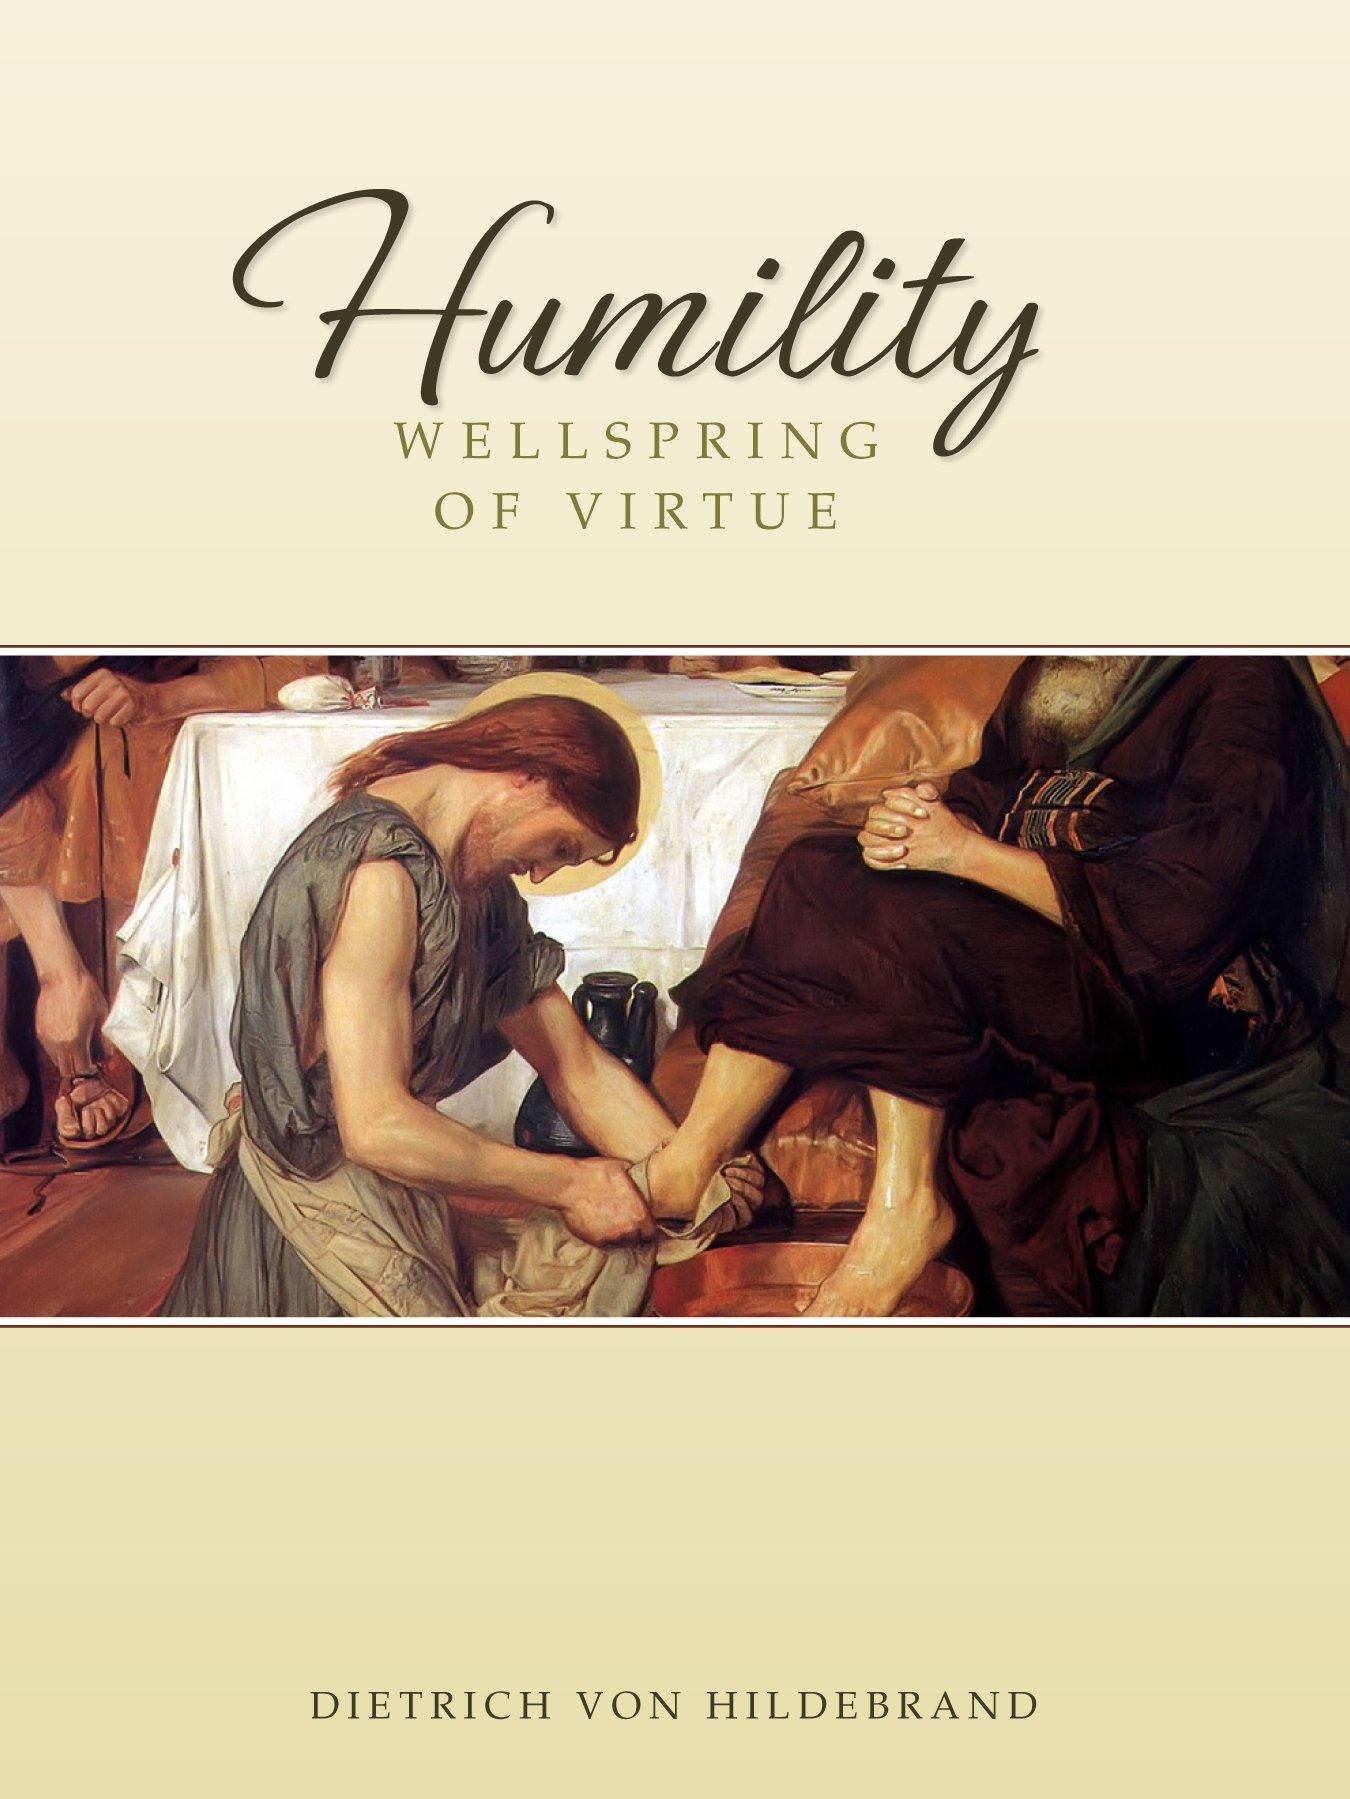 humility wellspring of virtue dietrich von hildebrand humility wellspring of virtue dietrich von hildebrand 9780918477590 com books